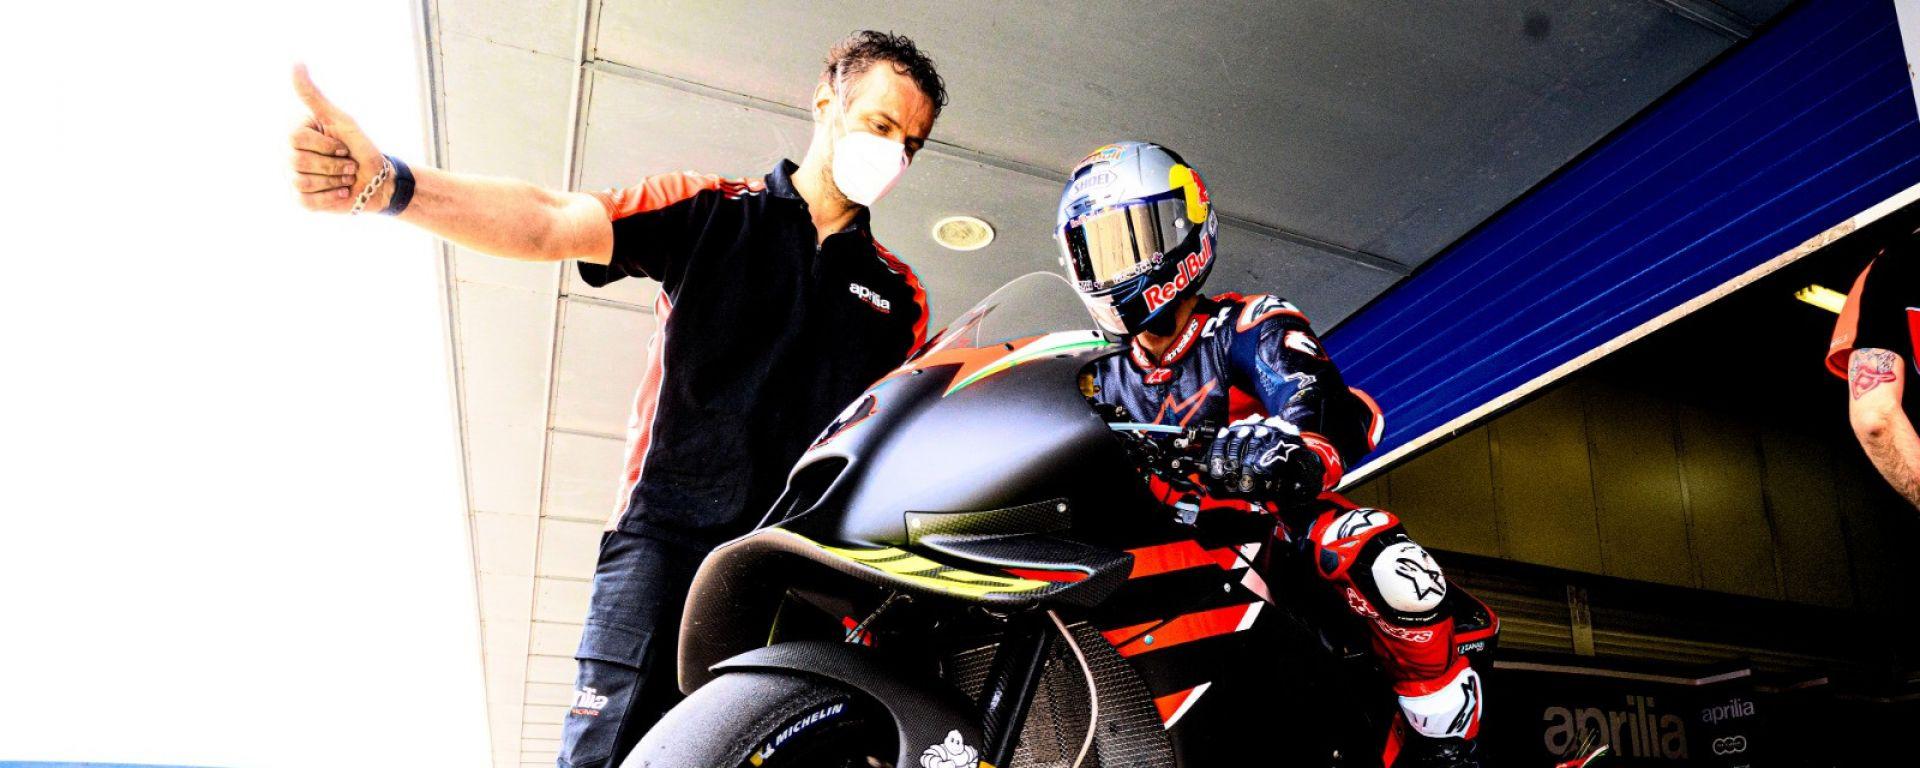 Andrea Dovizioso nel test con l'Aprilia a Jerez